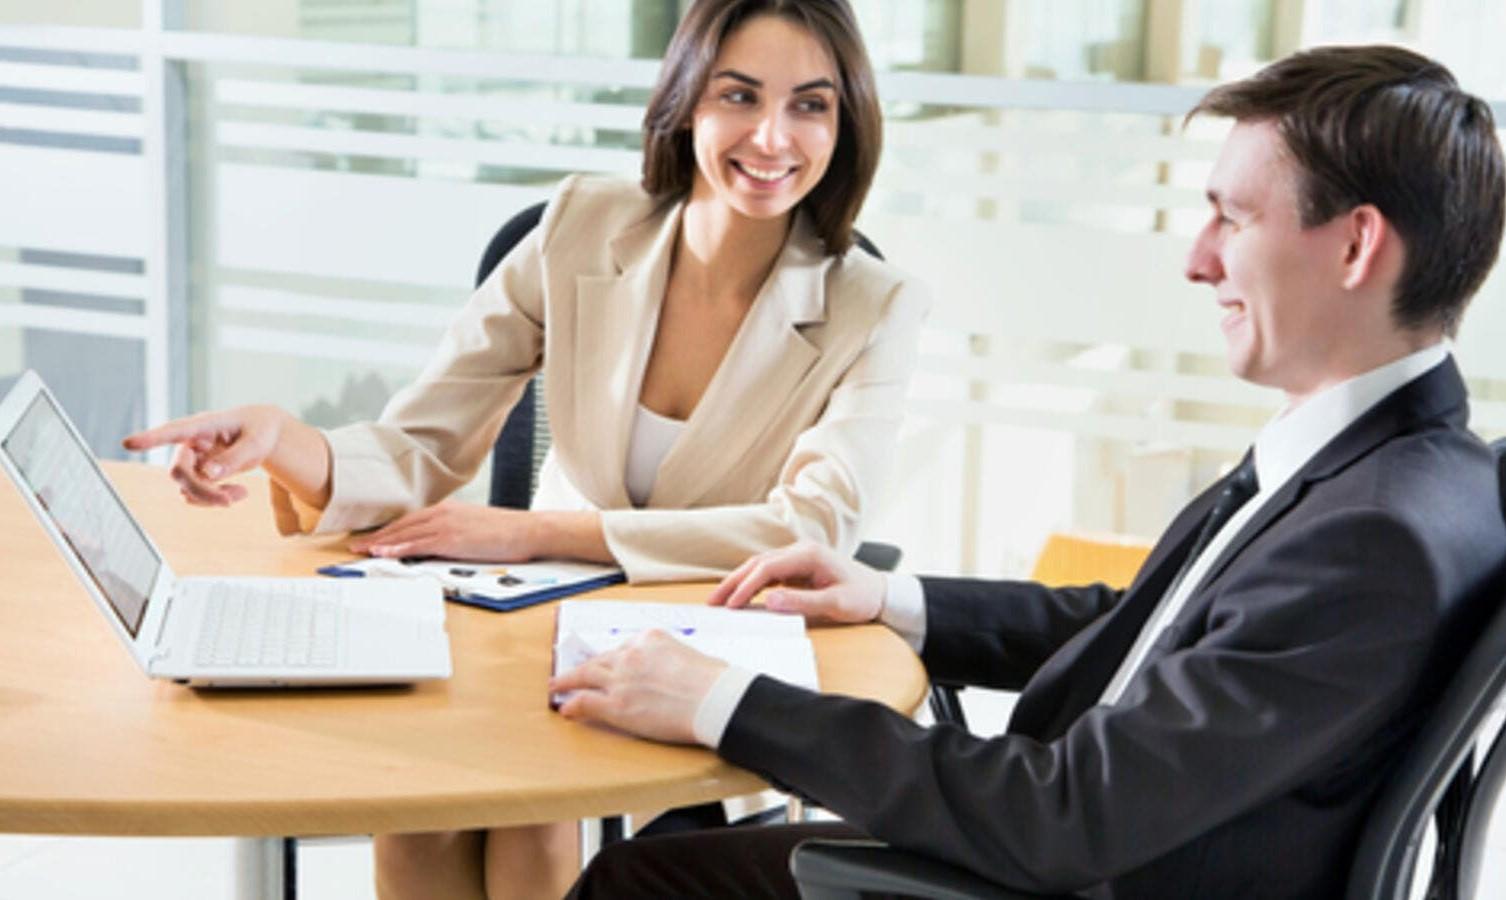 إليك كيف يمكن لبرنامج إدارة نقاط البيع أن يجعل عملك ناجحًا